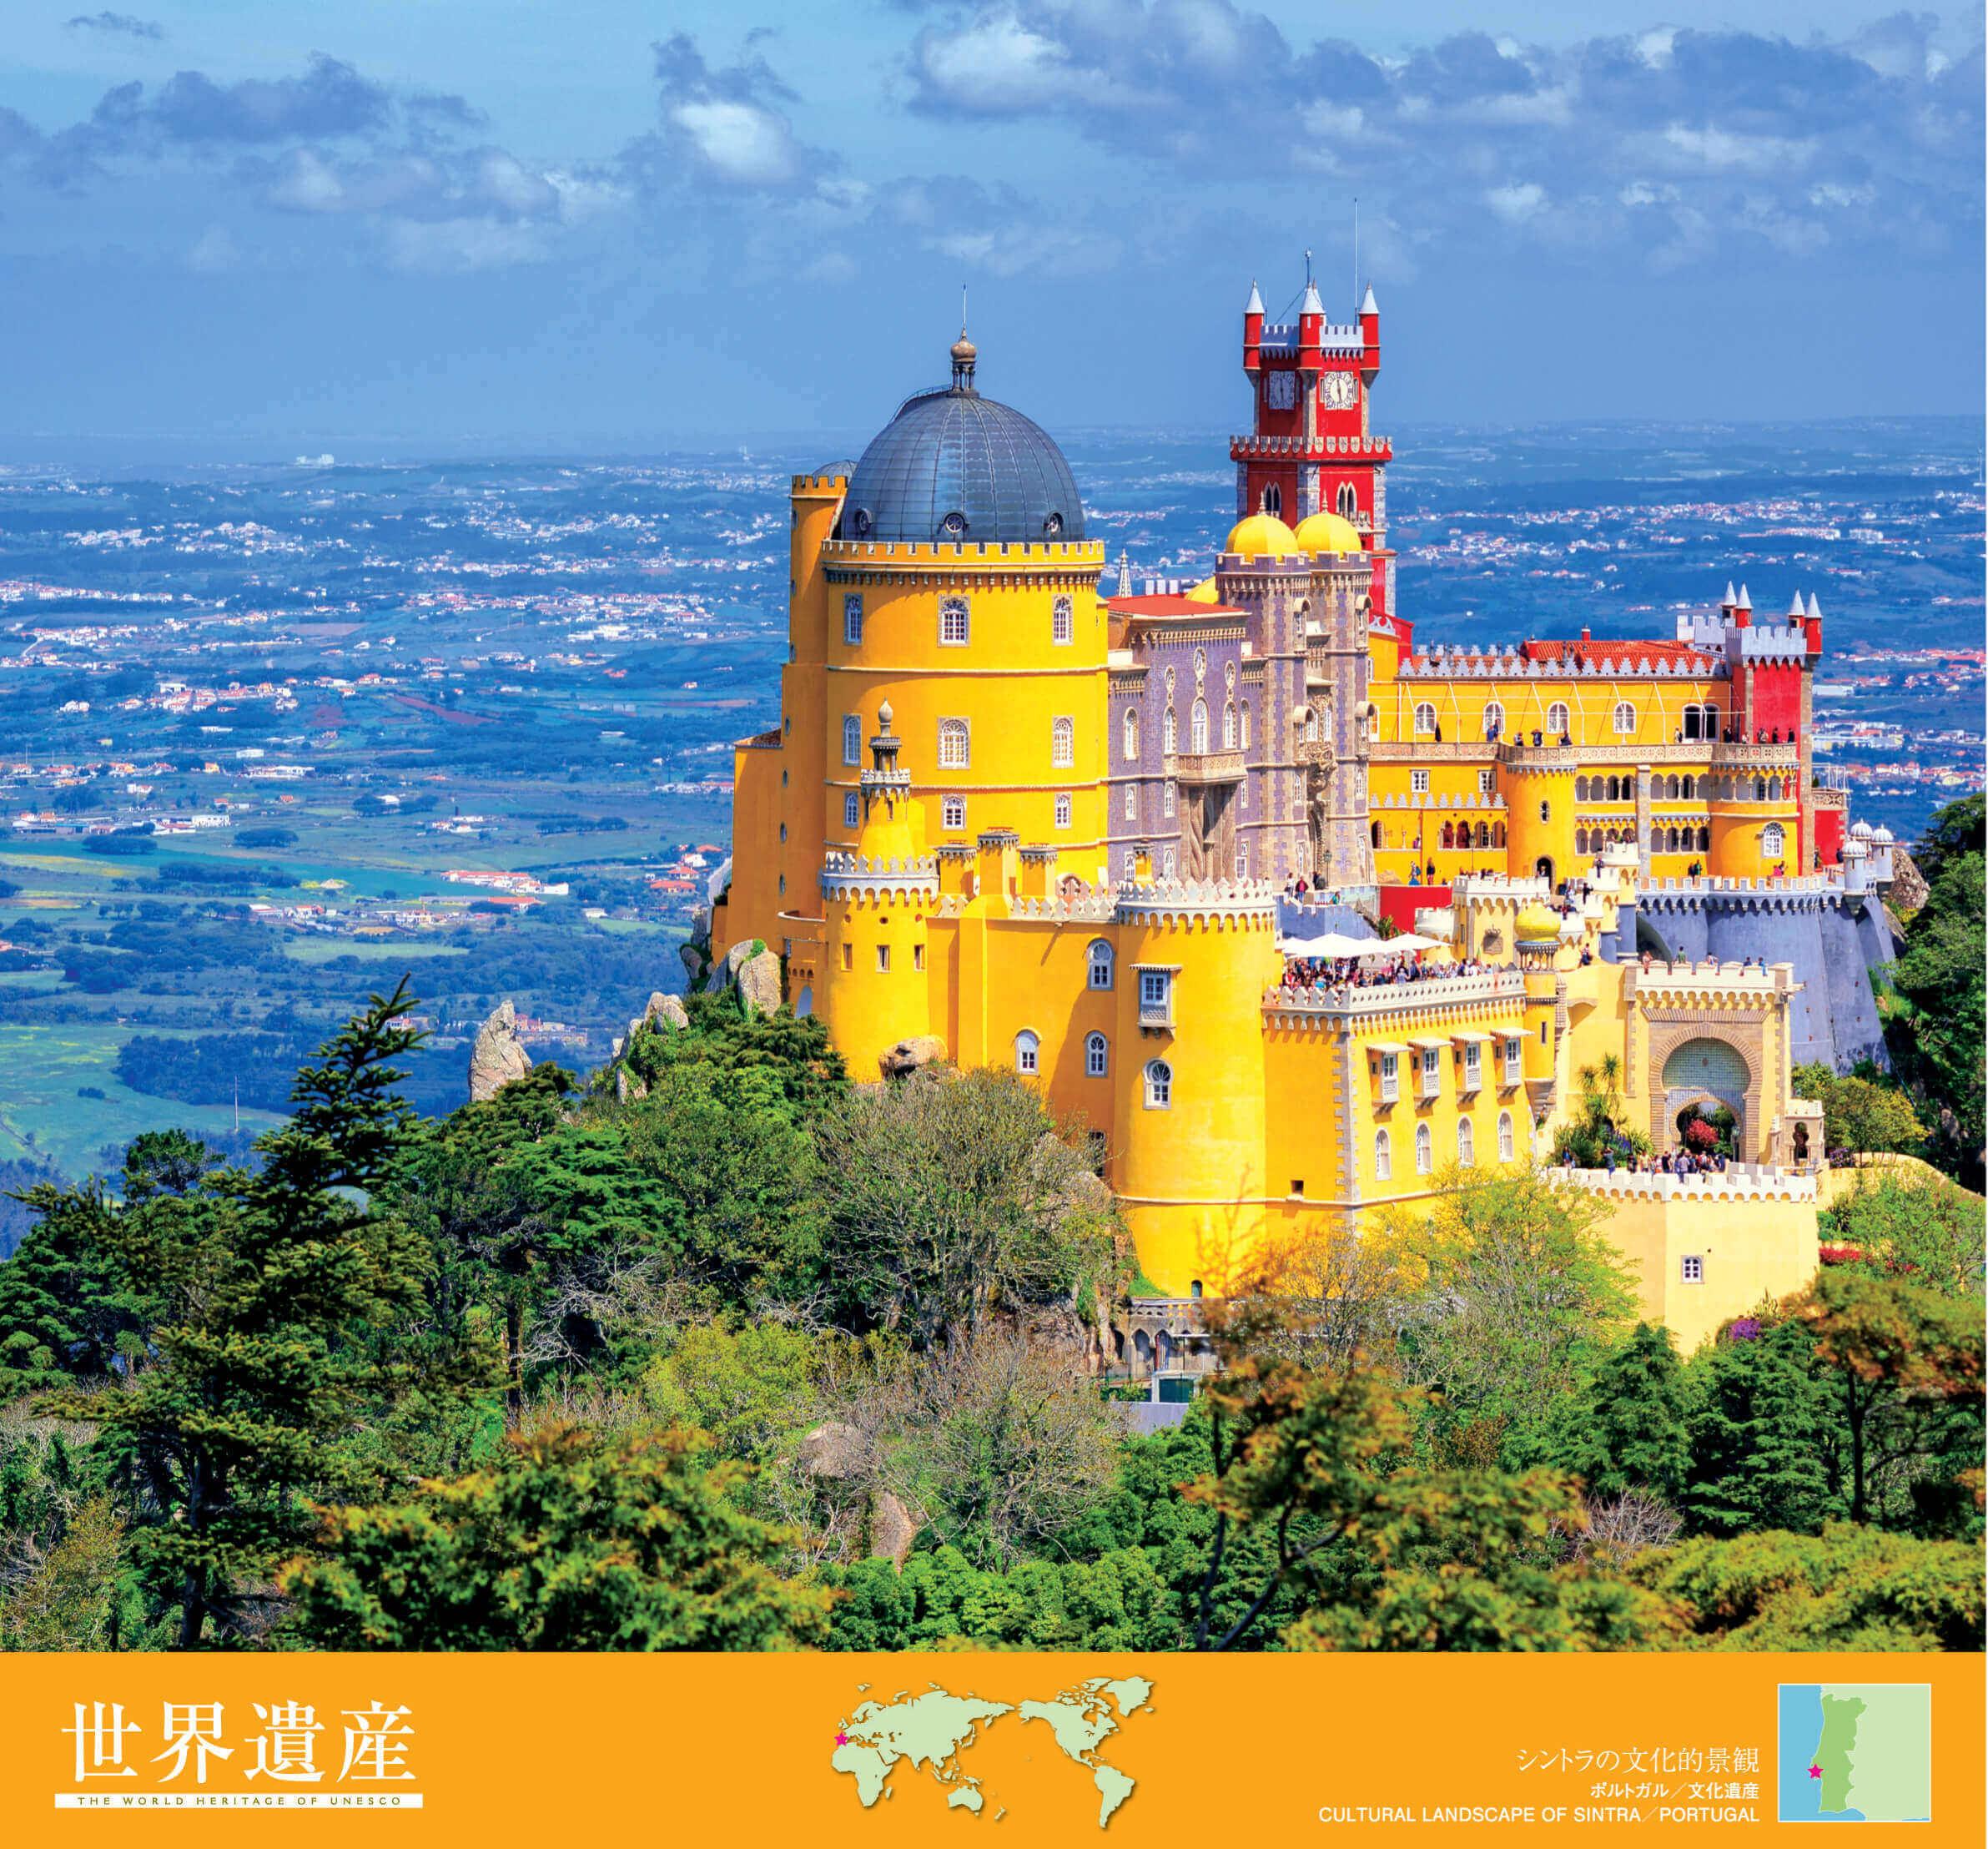 5-6月 シントラの文化的景観 ユネスコ世界遺産(フィルムカレンダー) 2022年カレンダーの画像